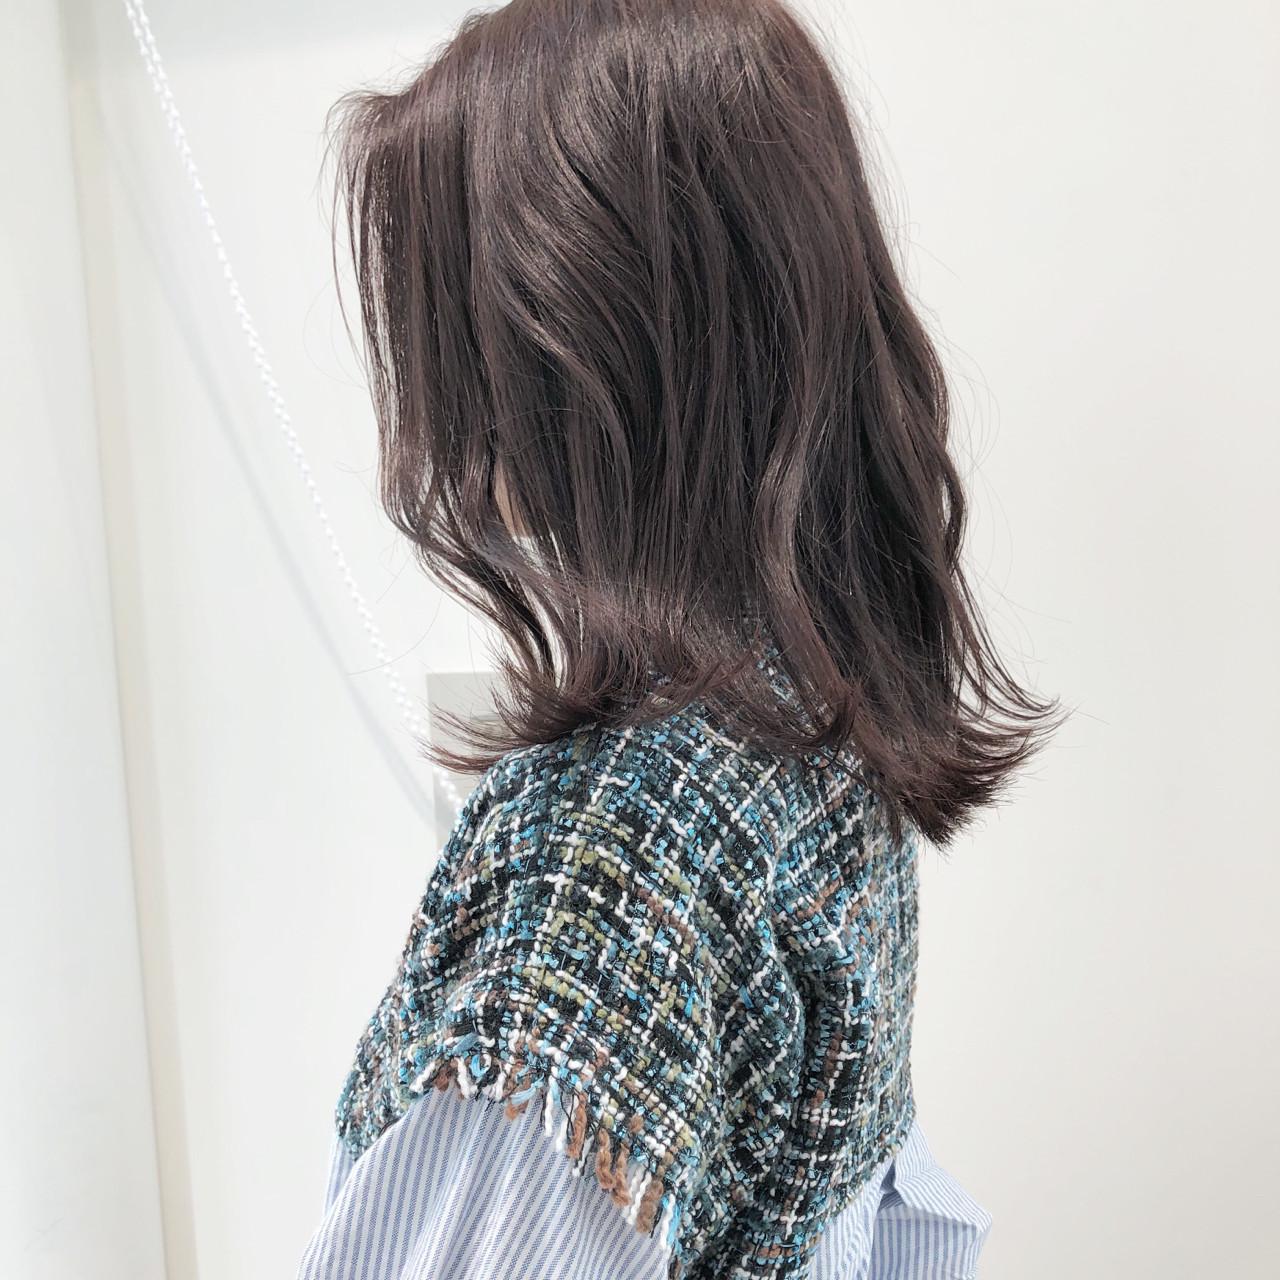 透明感 切りっぱなし ロブ グレージュ ヘアスタイルや髪型の写真・画像 | 市岡 久 / BLANCOtres